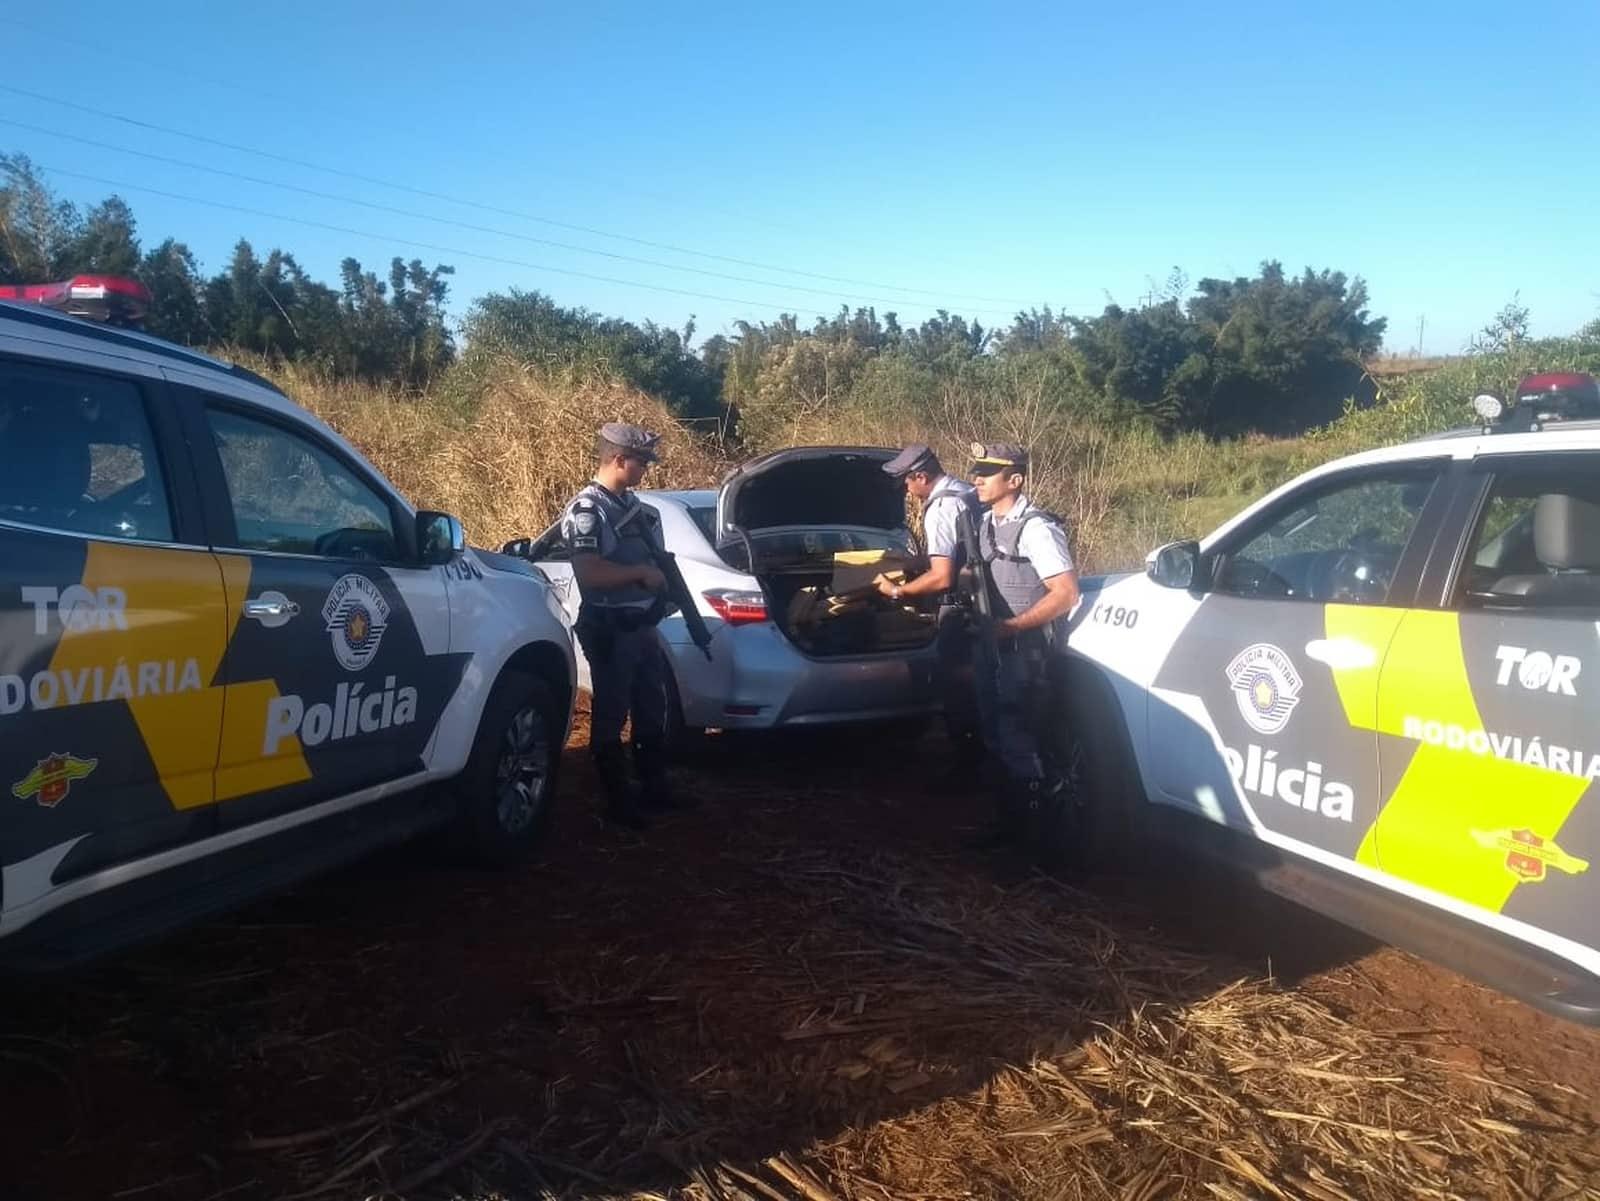 Policiais conseguiram cercar o carro em um canavial e prender o suspeito por tráfico de droga — Foto: Polícia Rodoviária/Divulgação